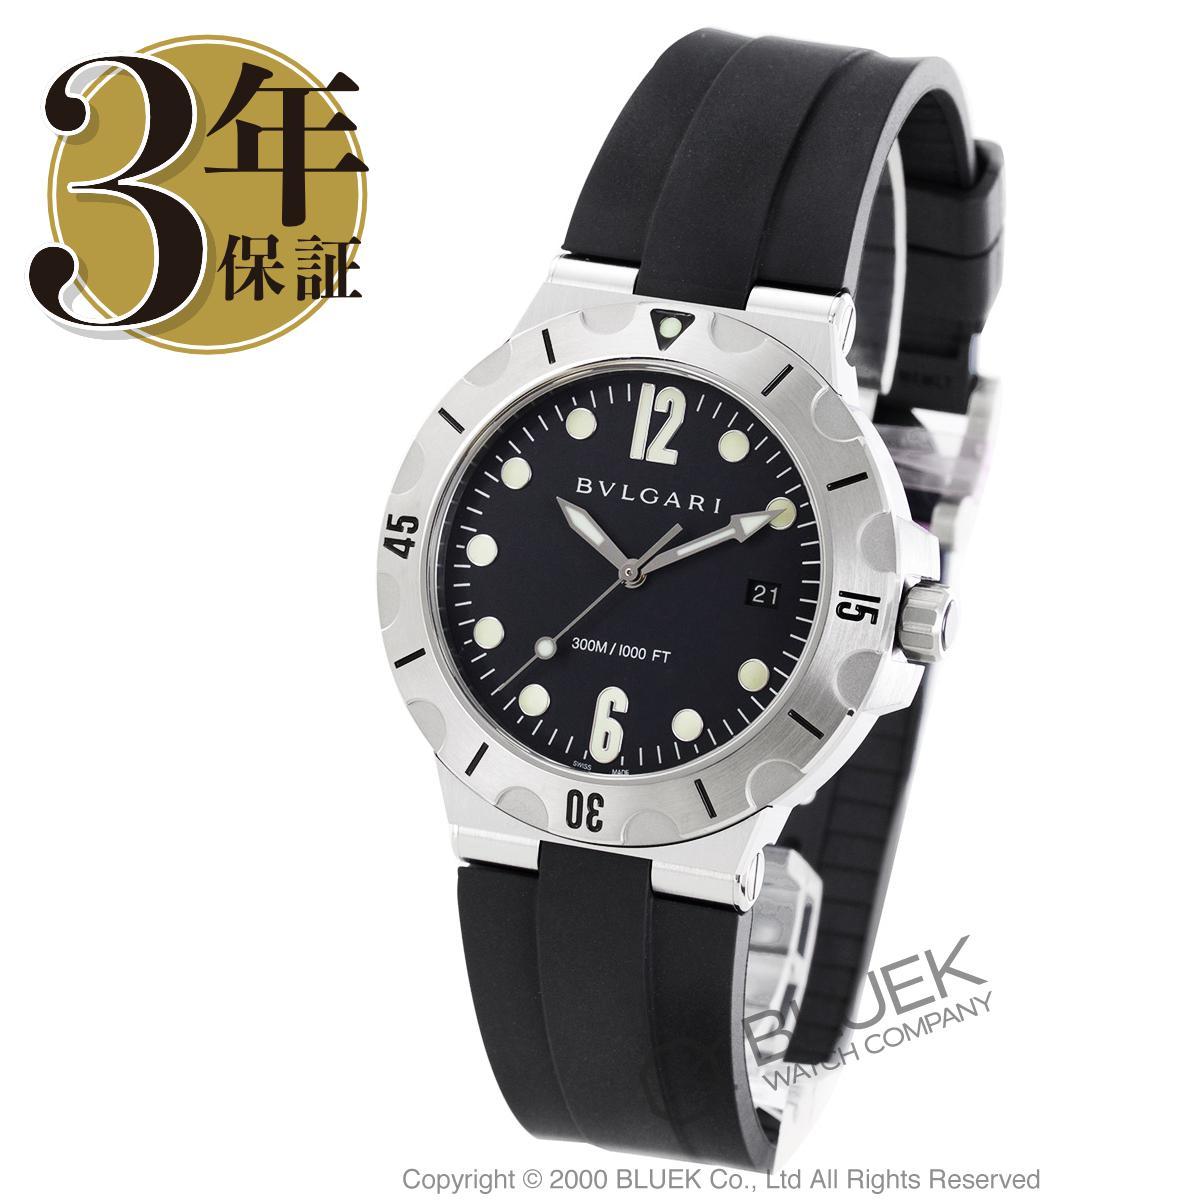 ブルガリ ディアゴノ プロフェッショナル スクーバ 300m防水 腕時計 メンズ BVLGARI DP41BSVSD_3